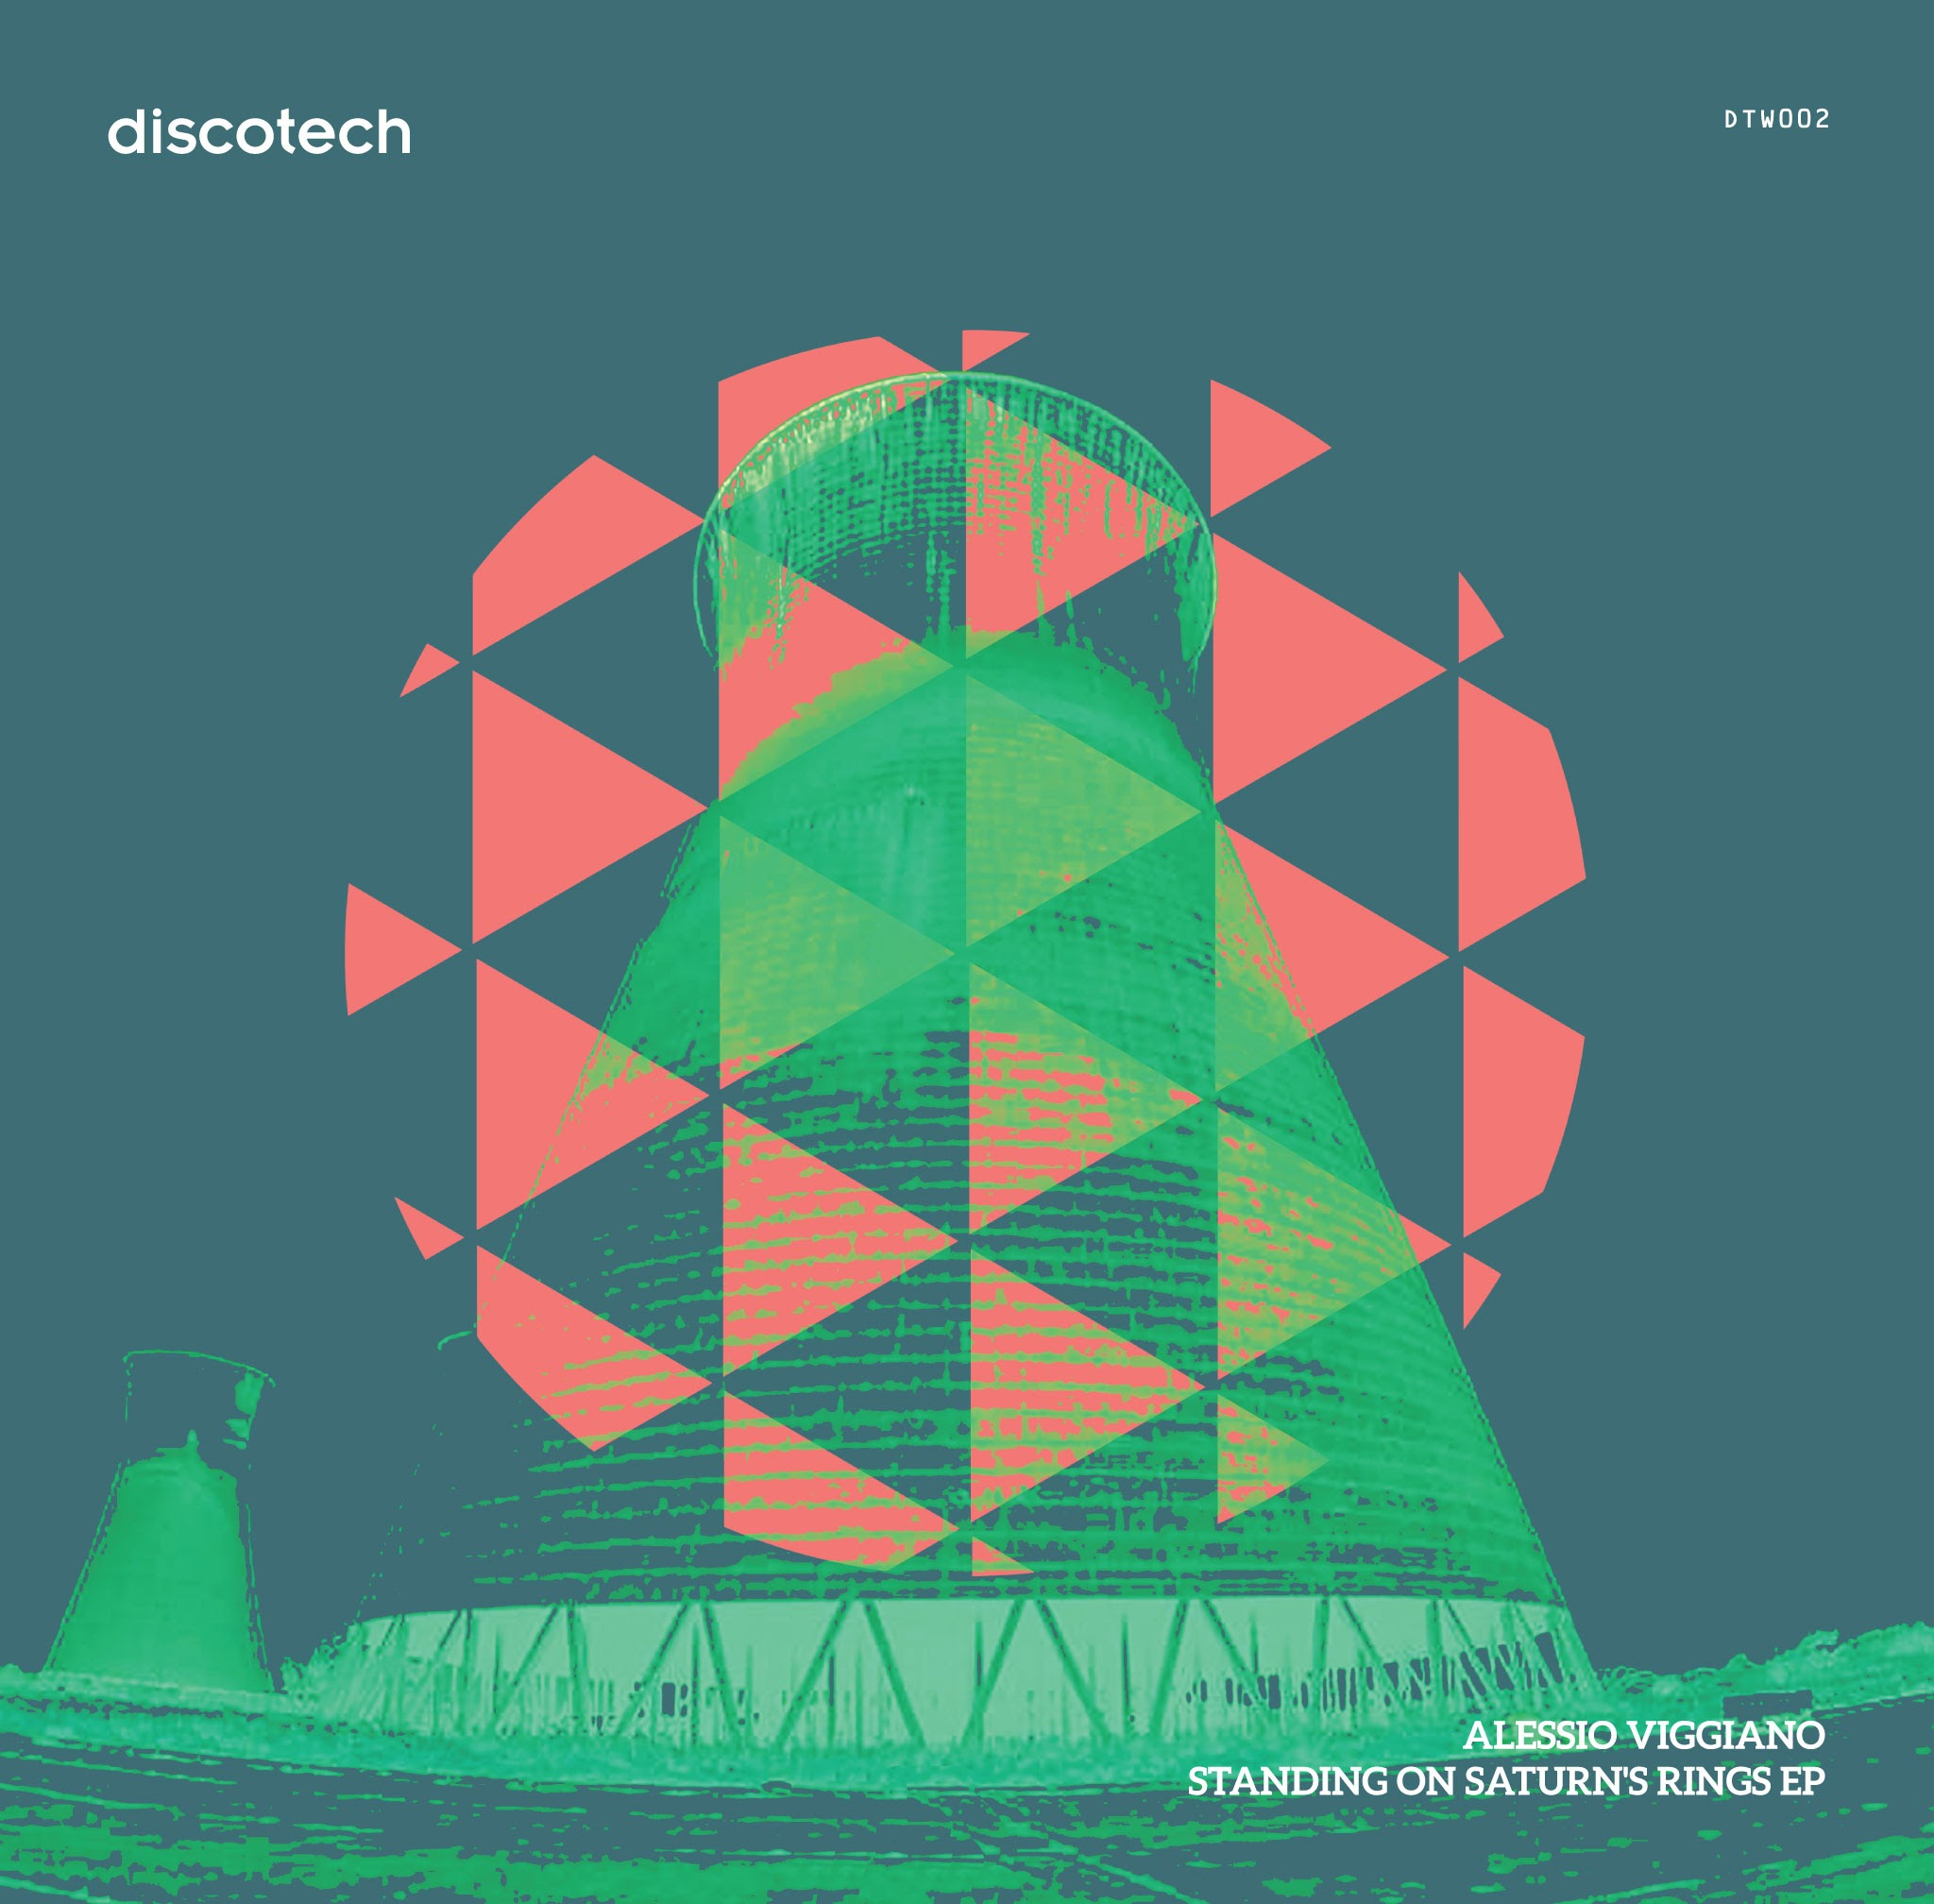 Alessio Viggiano - DTW002 discotech